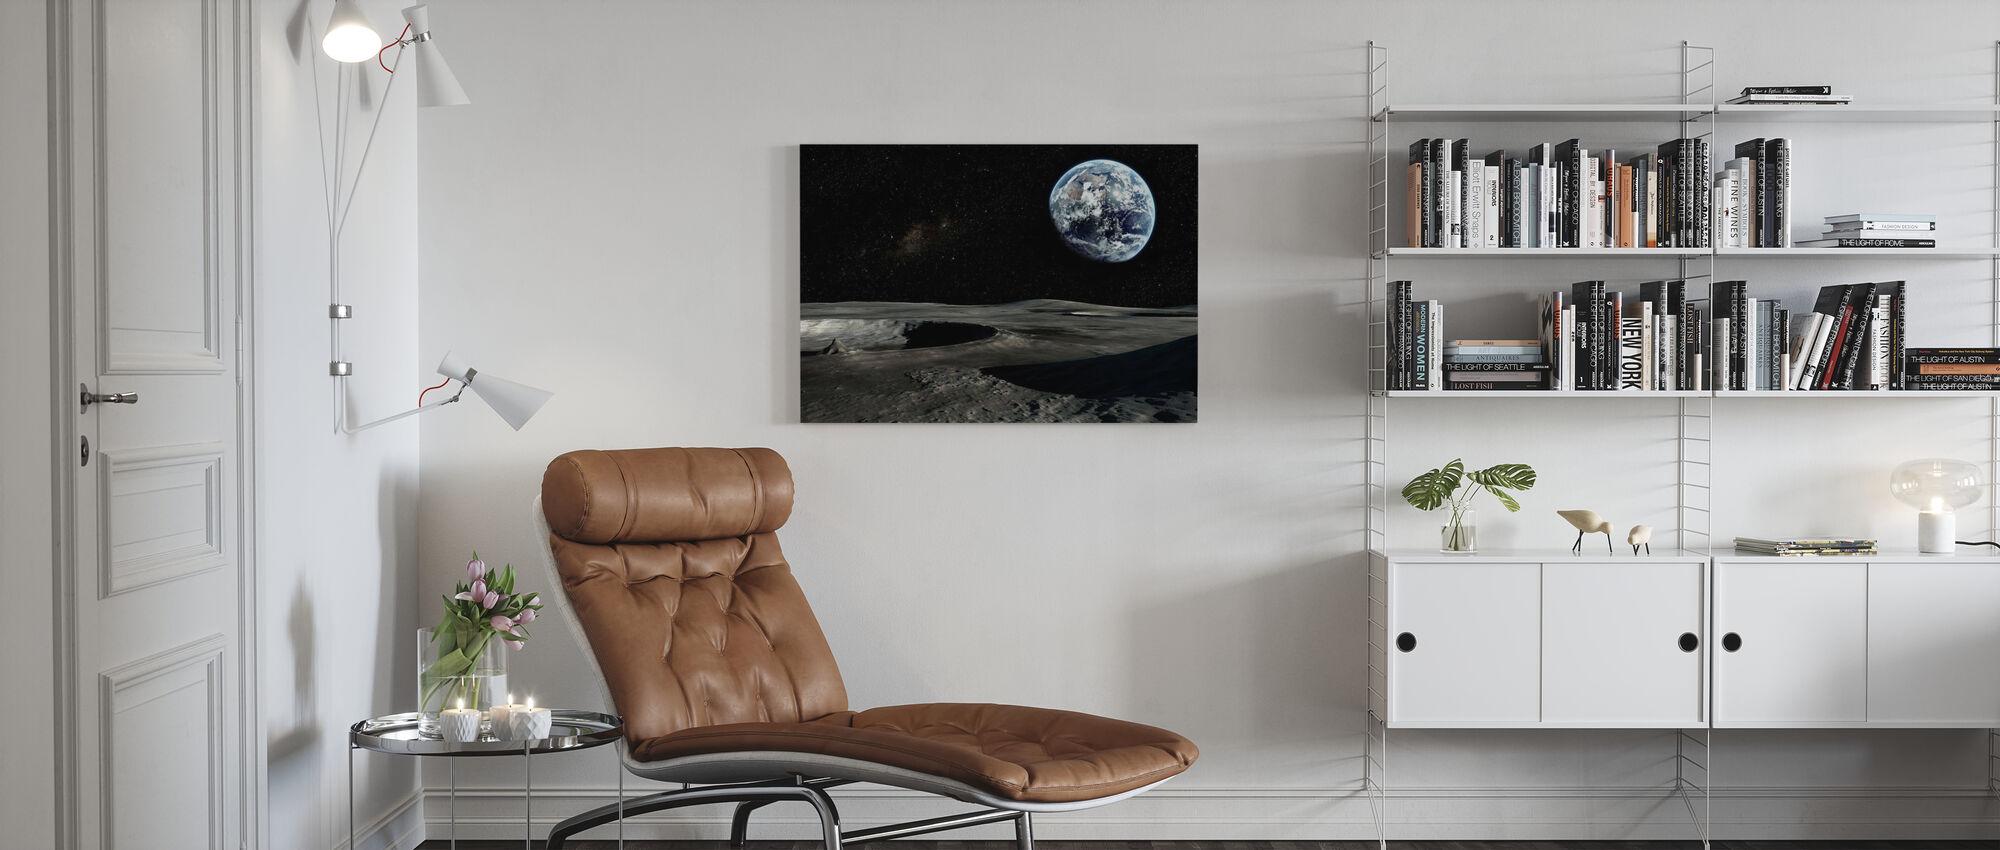 Nieuw perspectief - Canvas print - Woonkamer